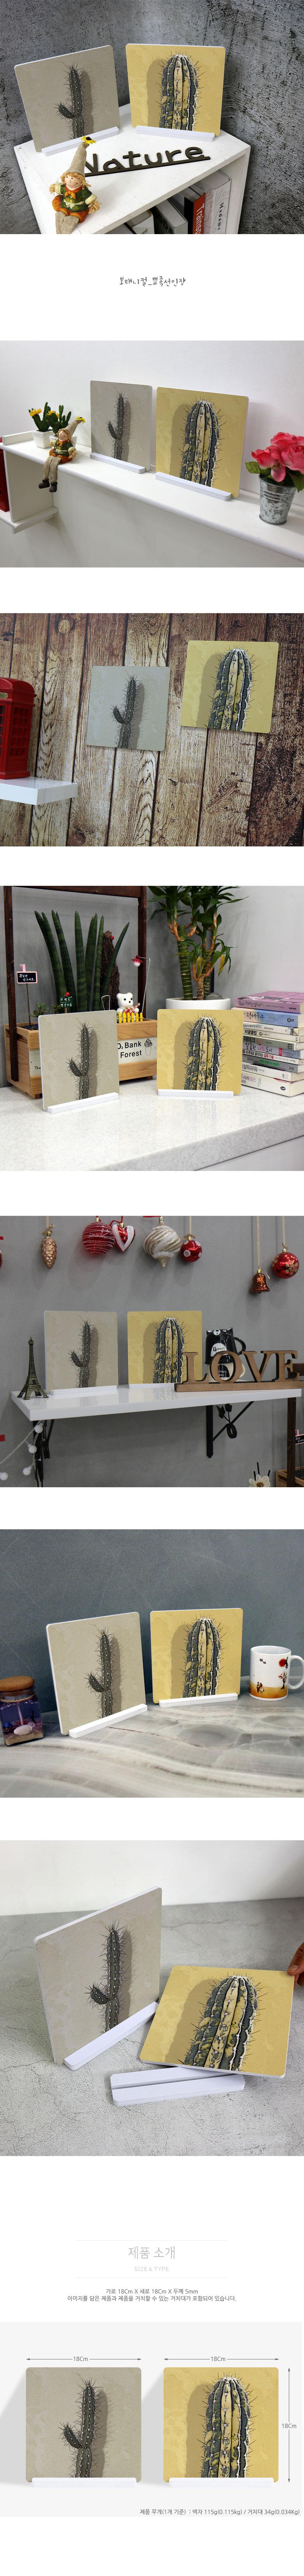 스탠드액자2P_보태니컬_뾰족선인장 - 꾸밈, 12,800원, 홈갤러리, 사진아트